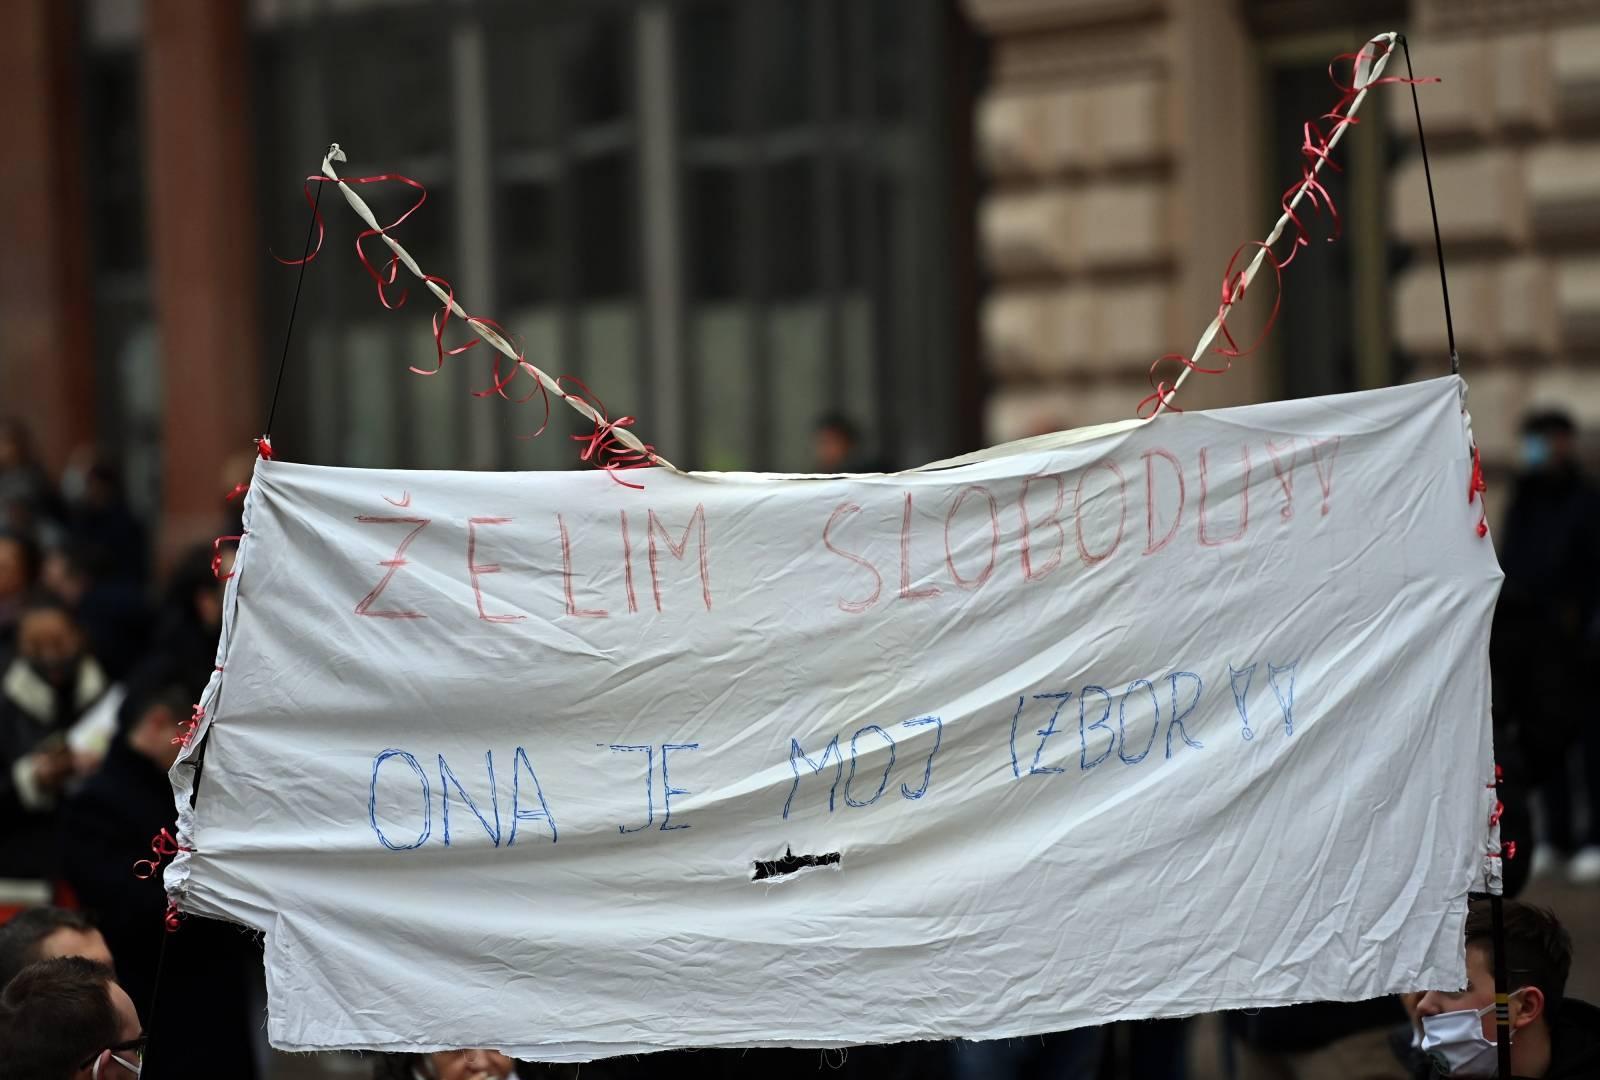 Zagreb: Prosvjed poduzetnika zbog neadekvatnih ekonomskih mjera